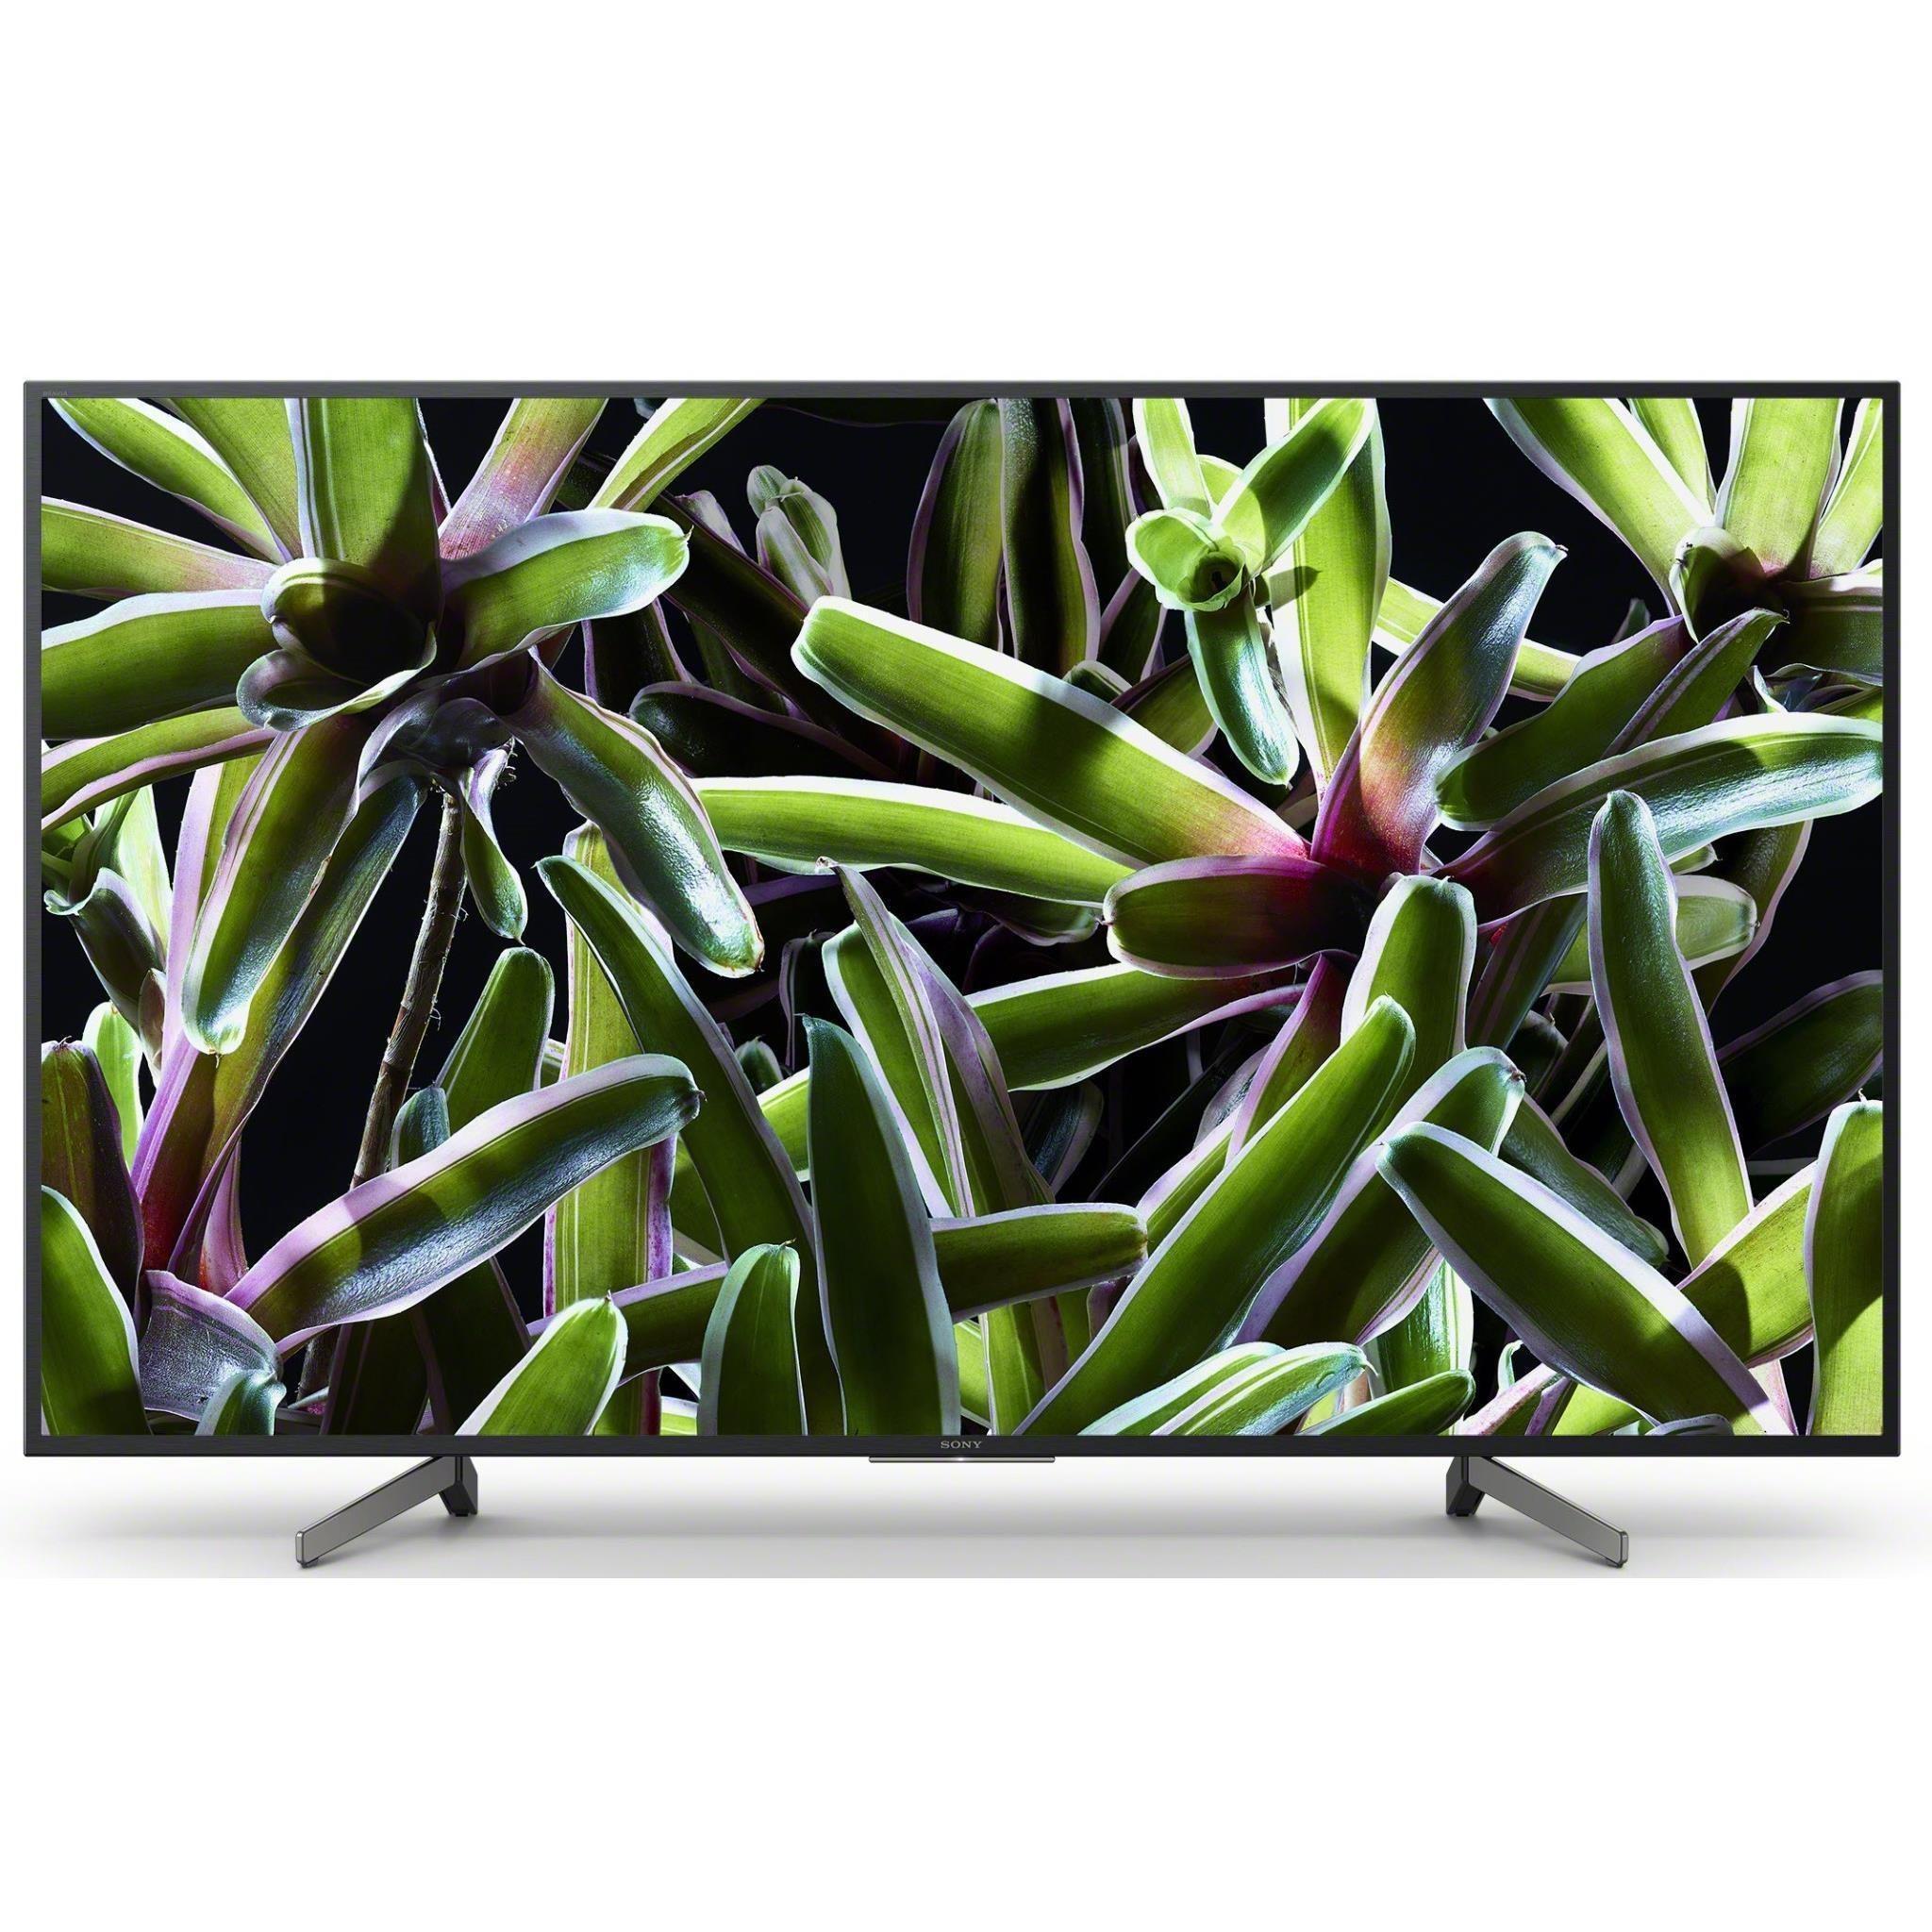 تصویر تلویزیون 55 اینچ سونی مدل X7000G Sony 55 Inch Tv 55X7000G